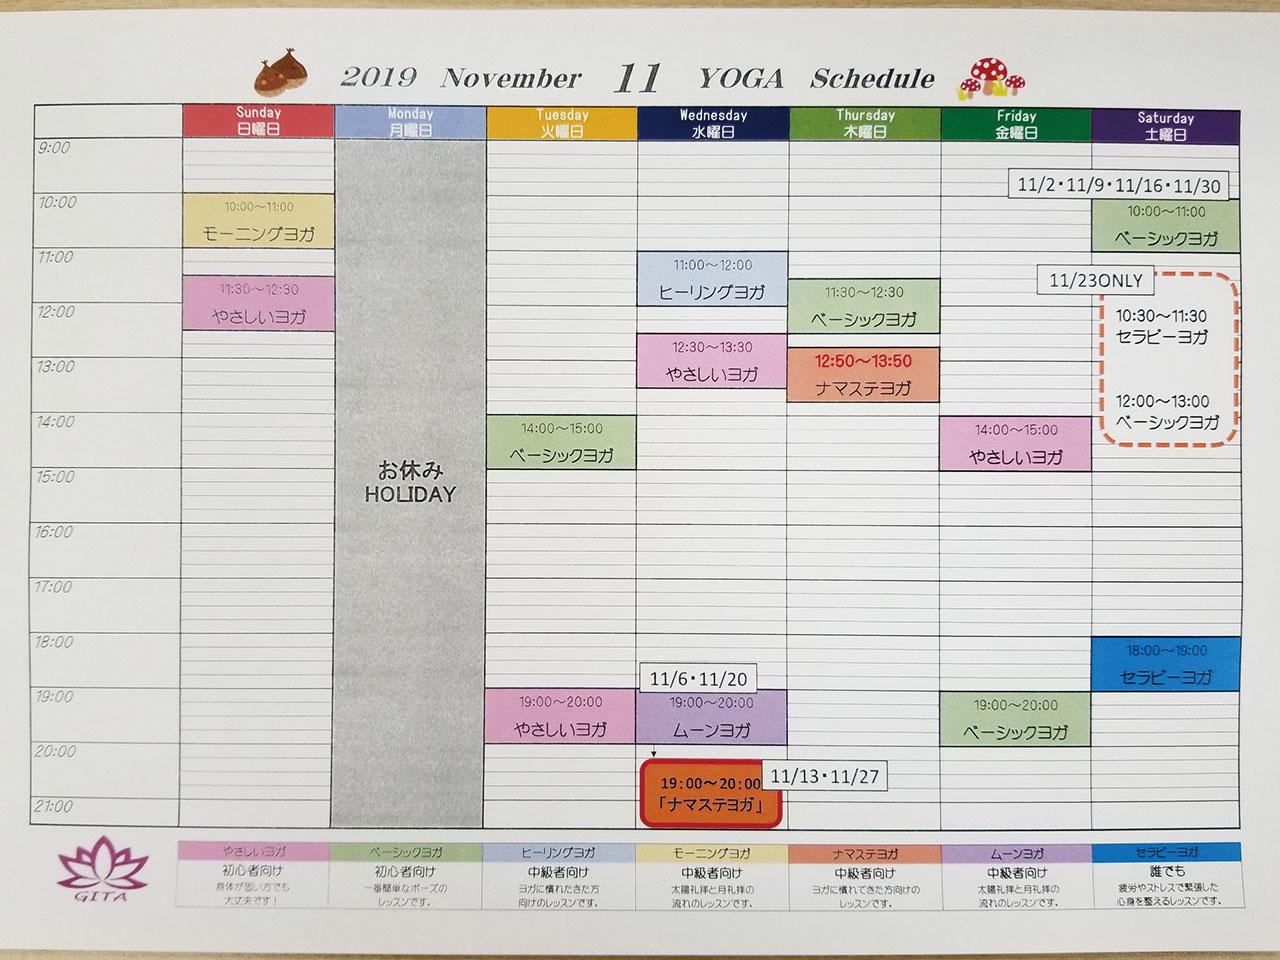 GITA_ヨガ2019年11月スケジュール